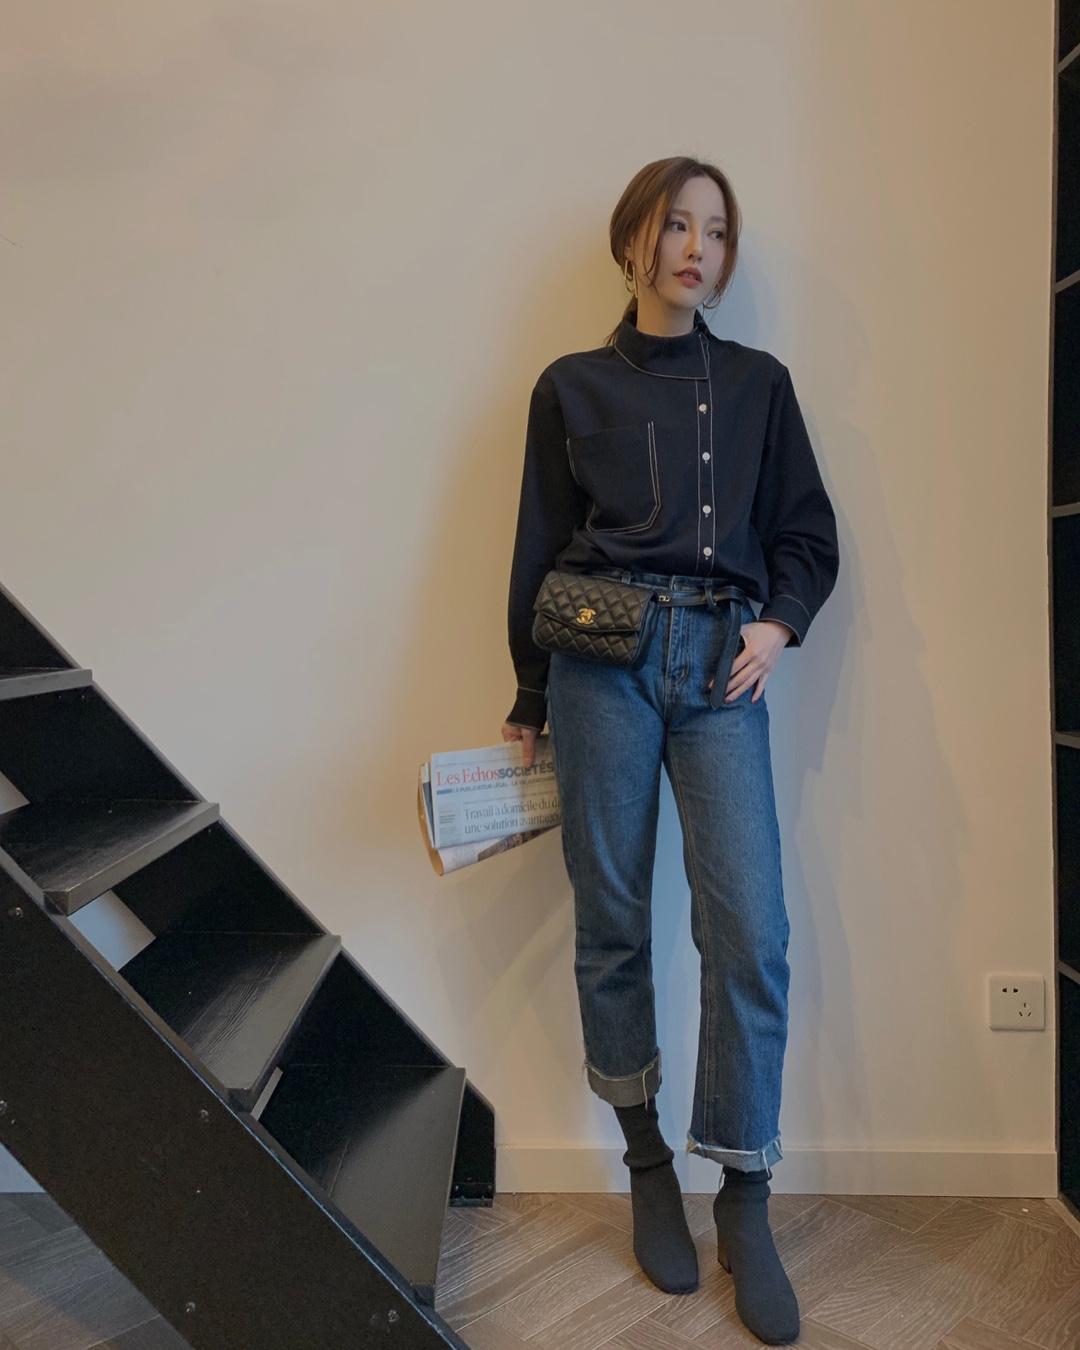 明线设计的衬衫 非常体现质感的厚度 材质亲肤 鞋侧边的门襟很好看 显得非常气质干练 #今日份遮粗腿穿搭!#